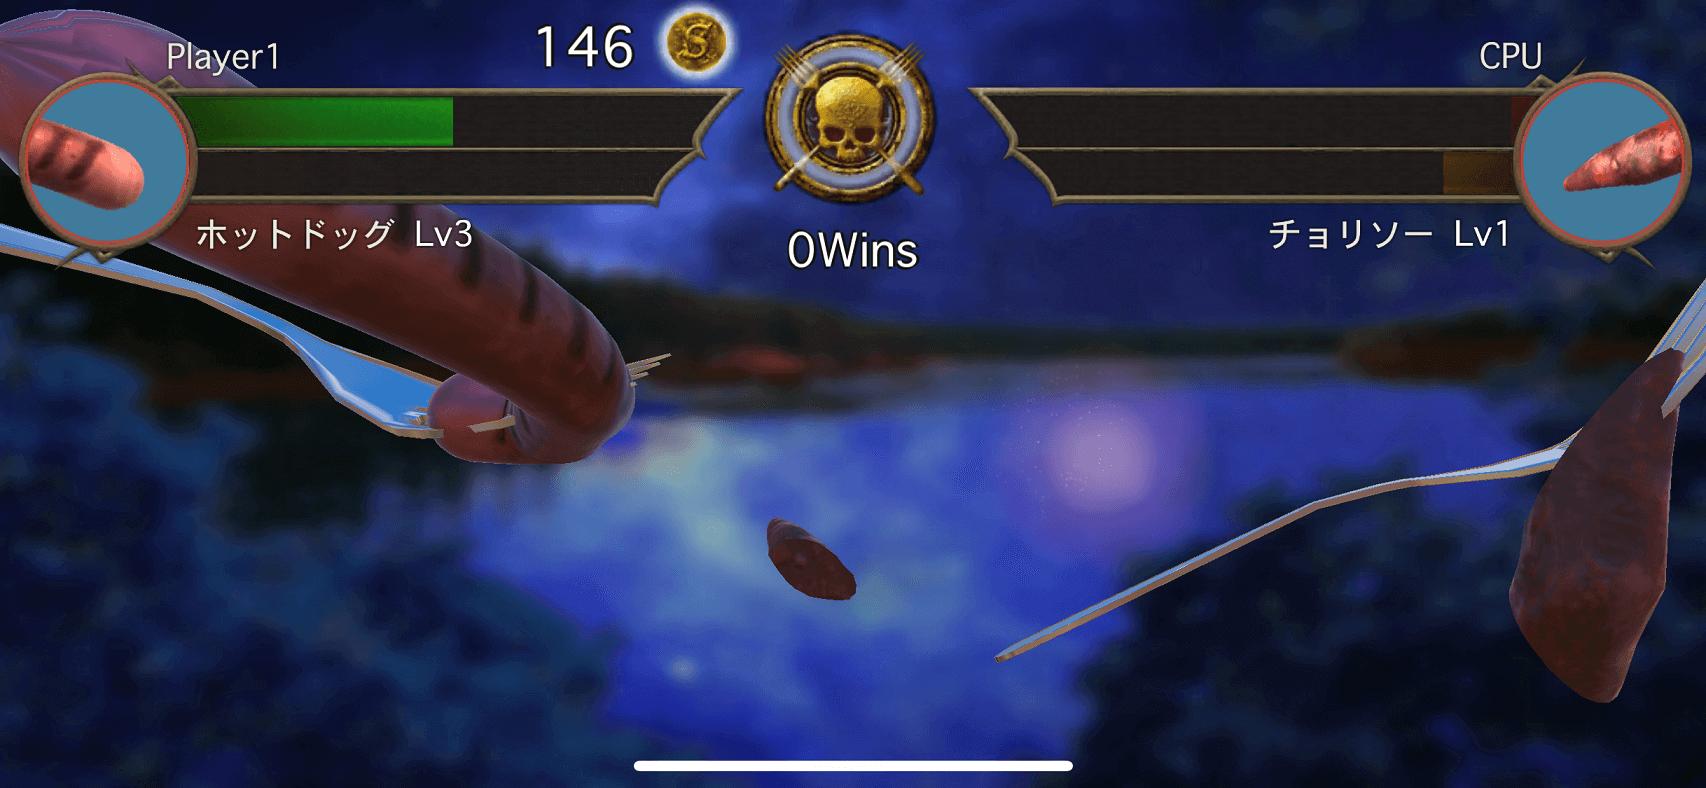 なんとか勝ったが…